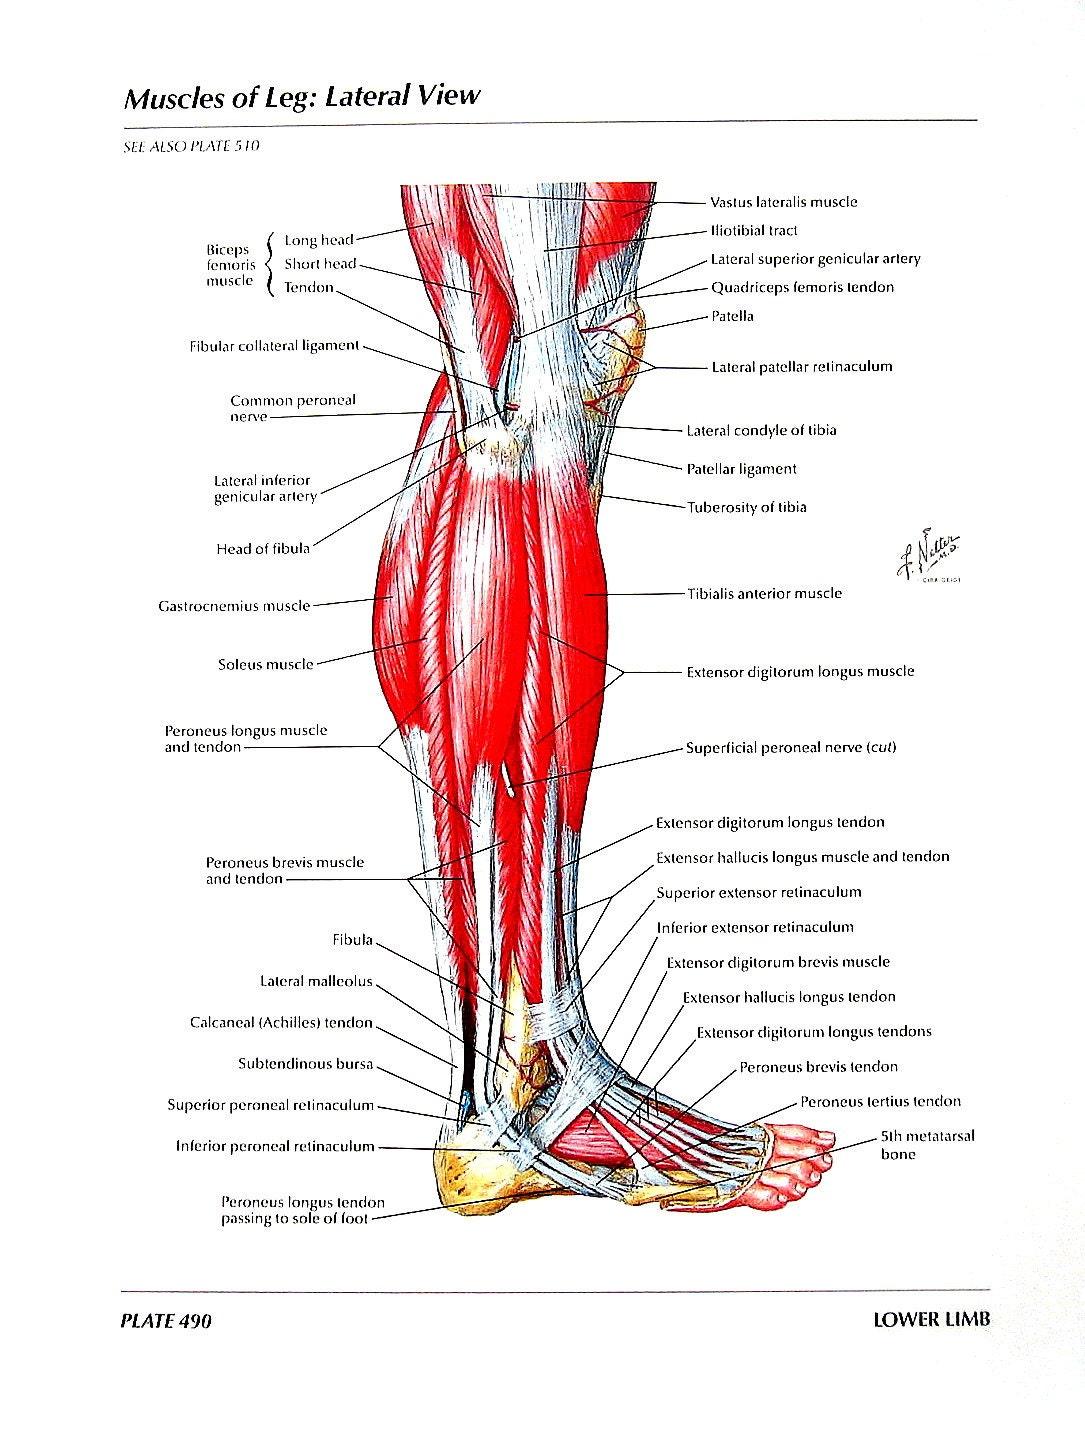 Anatomie-Grafik Muskeln der Bein Anatomie des Menschen | Etsy